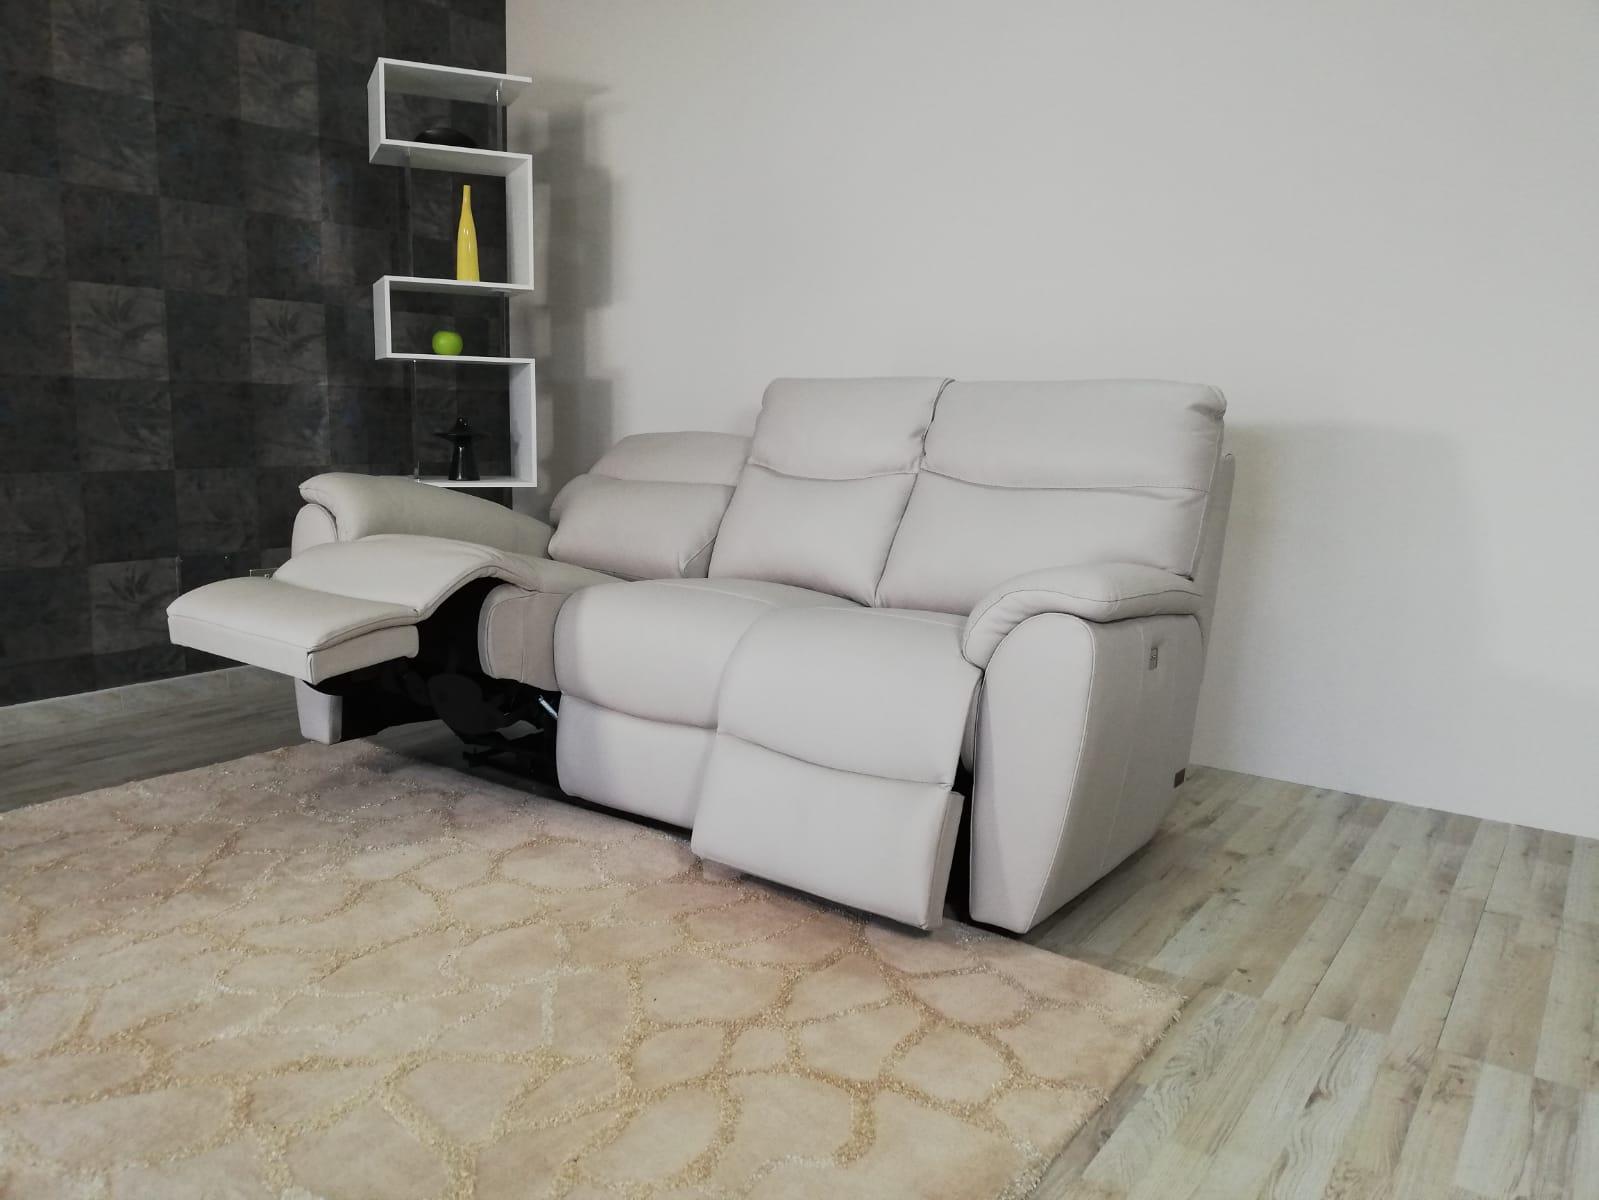 LENOX Divano relax elettrico in pelle grigio perla a 3 posti di cui 2 con meccanismi recliner